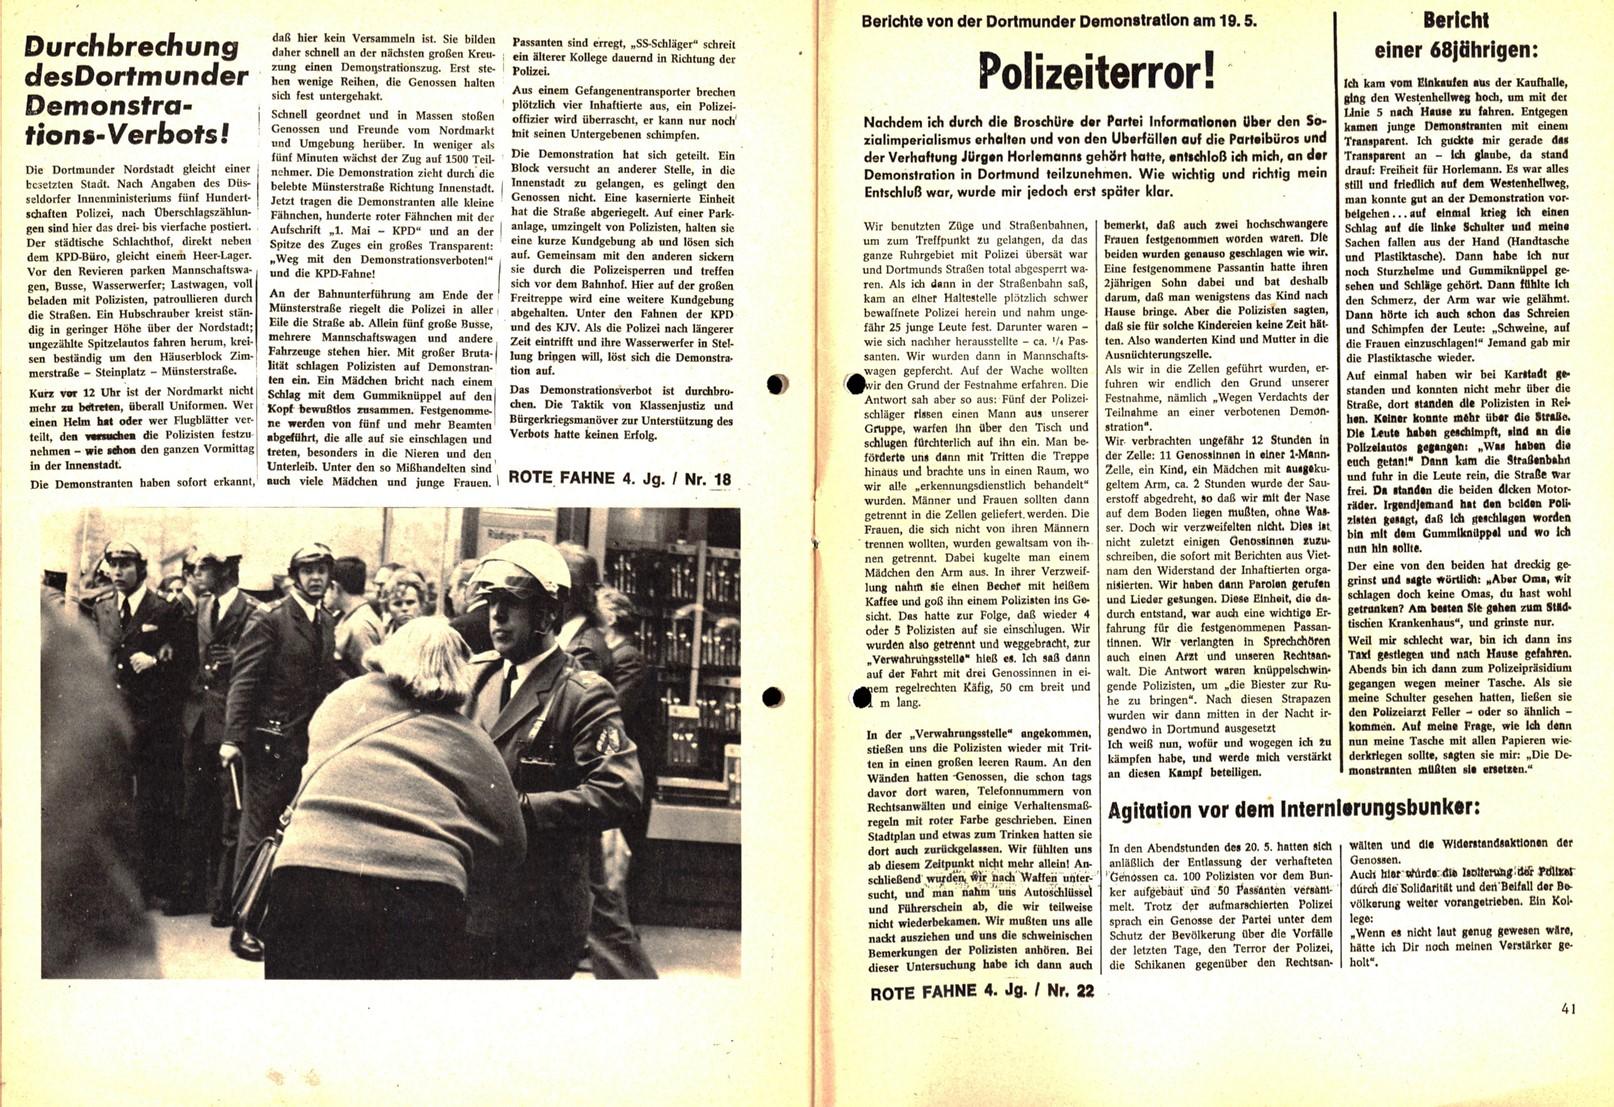 Komitee_Haende_weg_von_der_KPD_1973_Polizeijournalismus_21